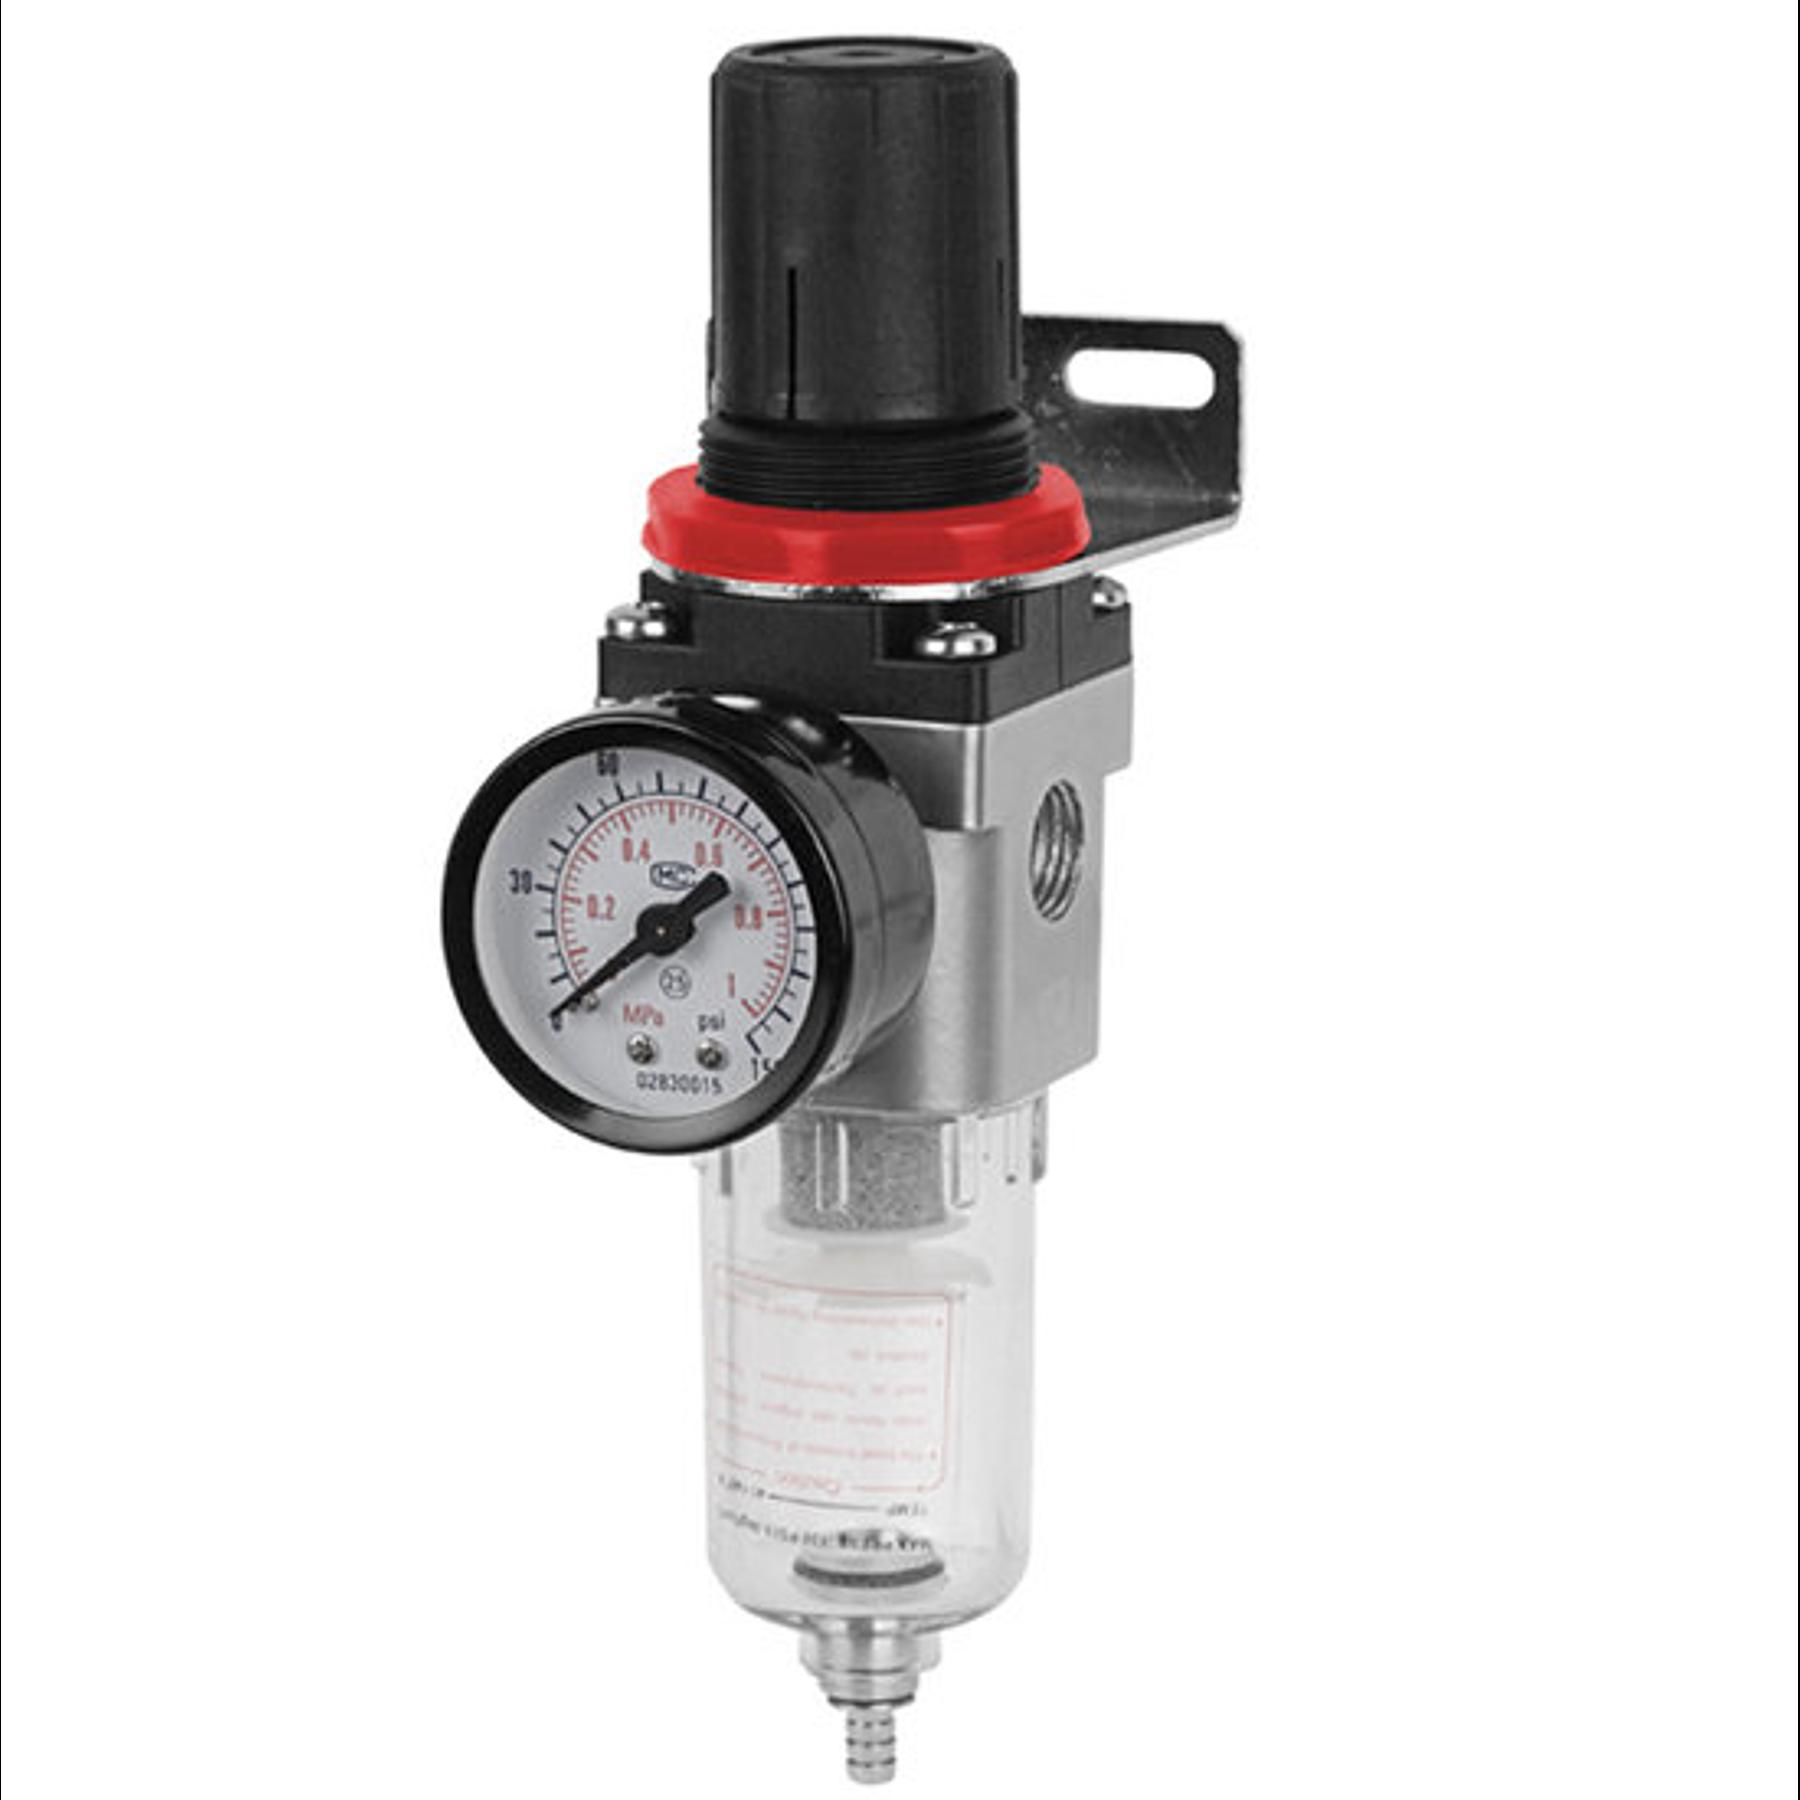 7Lt compressor filter